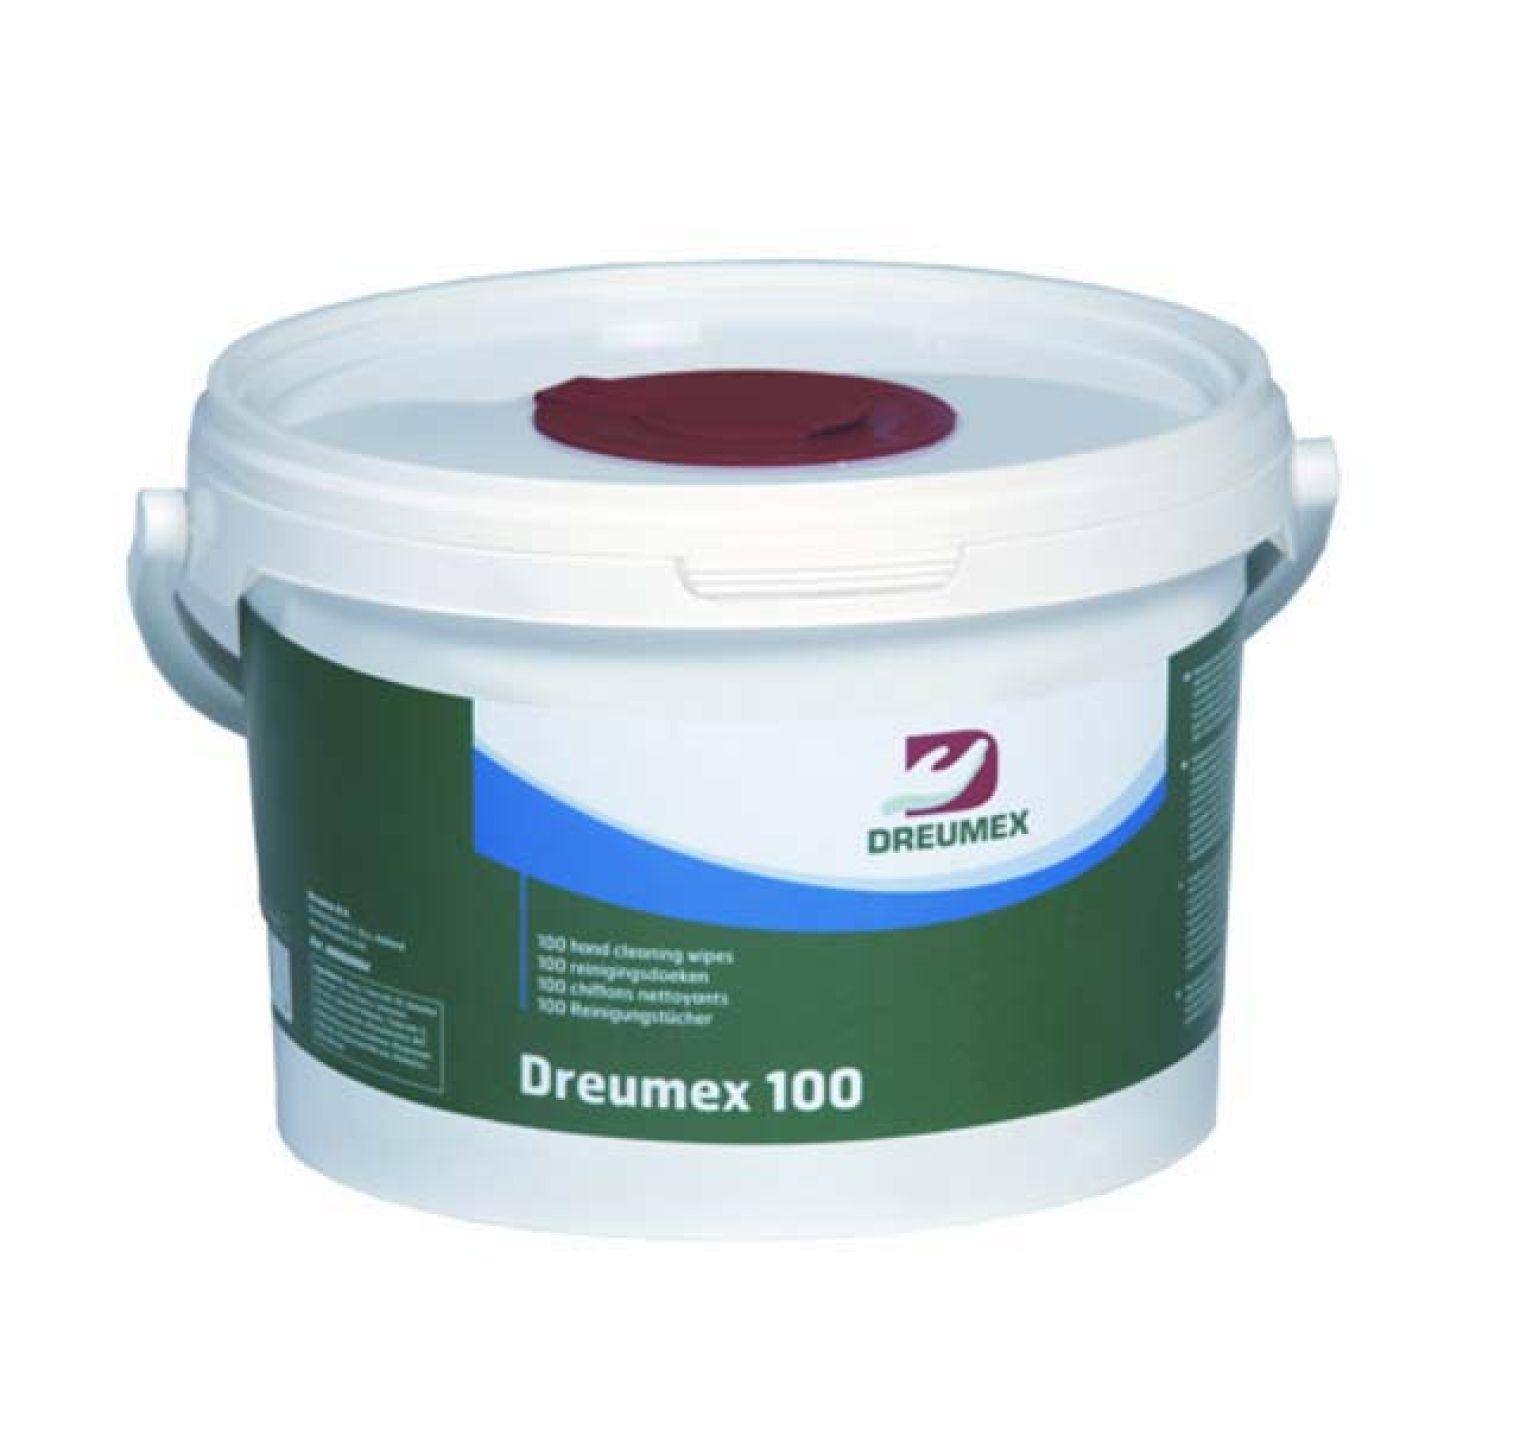 Dreumex 100 Reinigingsdoeken